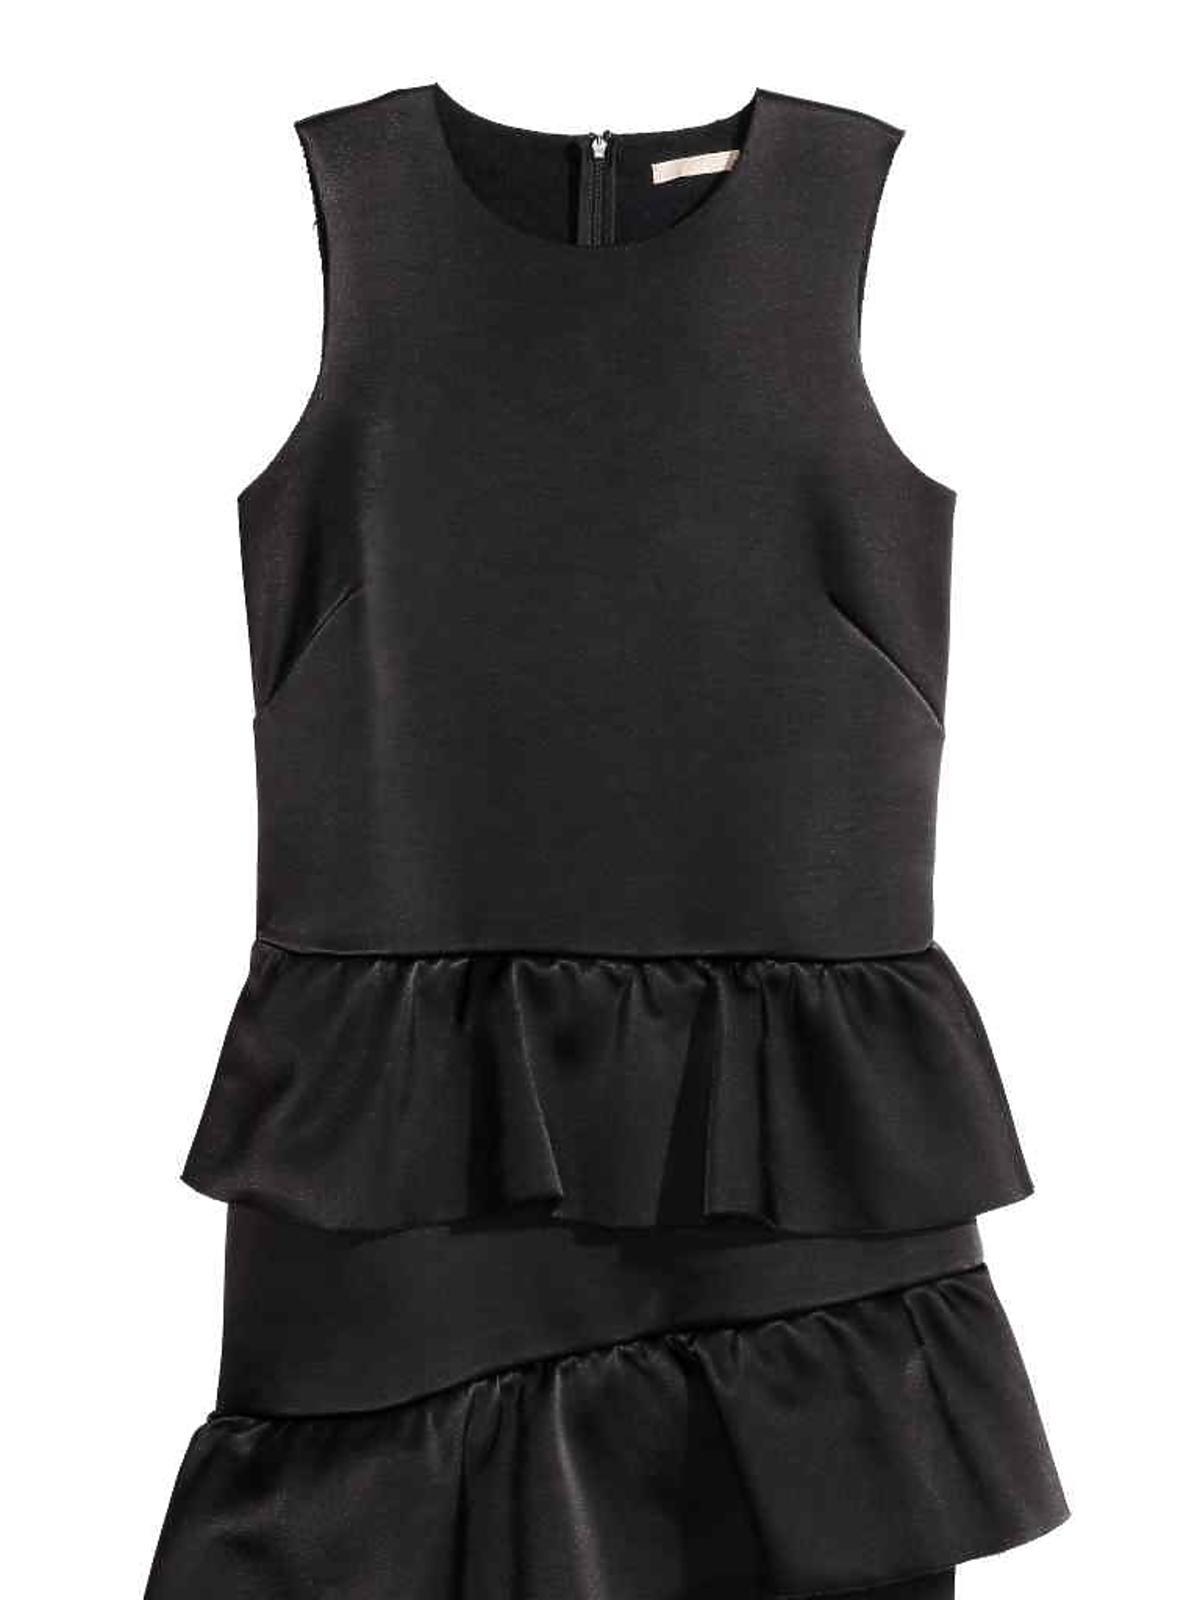 Wyprzedaż H&M 2016: Sukienka z falbanami 114,90 zł (przecena z 229 zł)